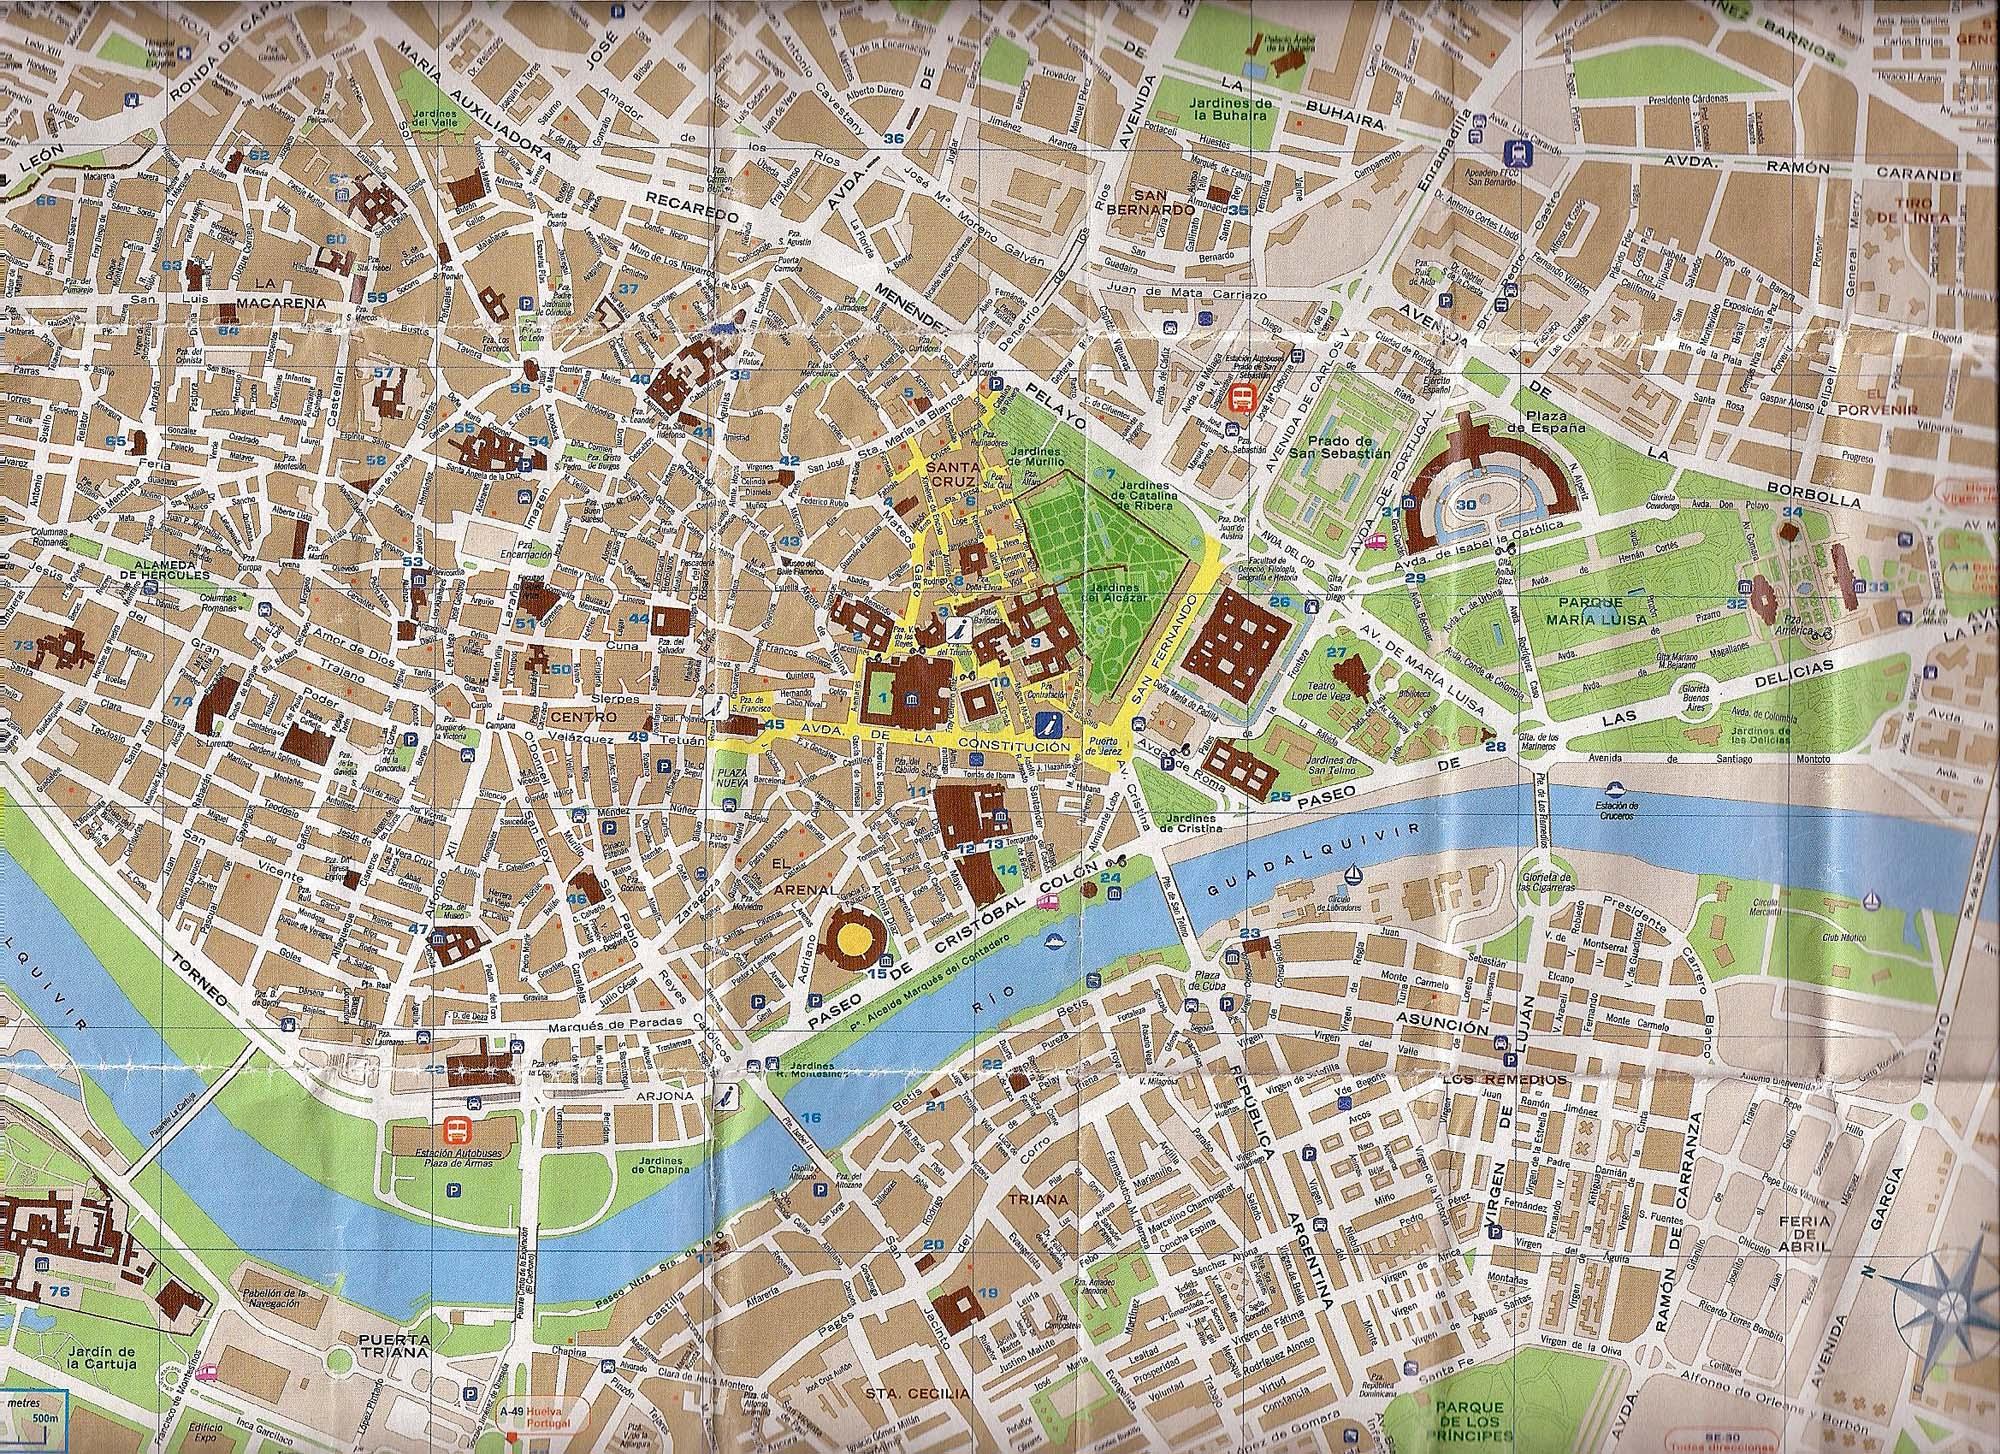 Siviglia Cartina.Clicca Sulle Mappe Per Ingrandirle E Salvarle Mappa Dell Andalusia Mappa Andalusia Jpg Cordoba Cordoba Mappa Corodoba Map Plano Cordoba Siviglia Siviglia Mappa Sevilla Map Plano Sevilla Granada Granada Mappa Granada Map Plano